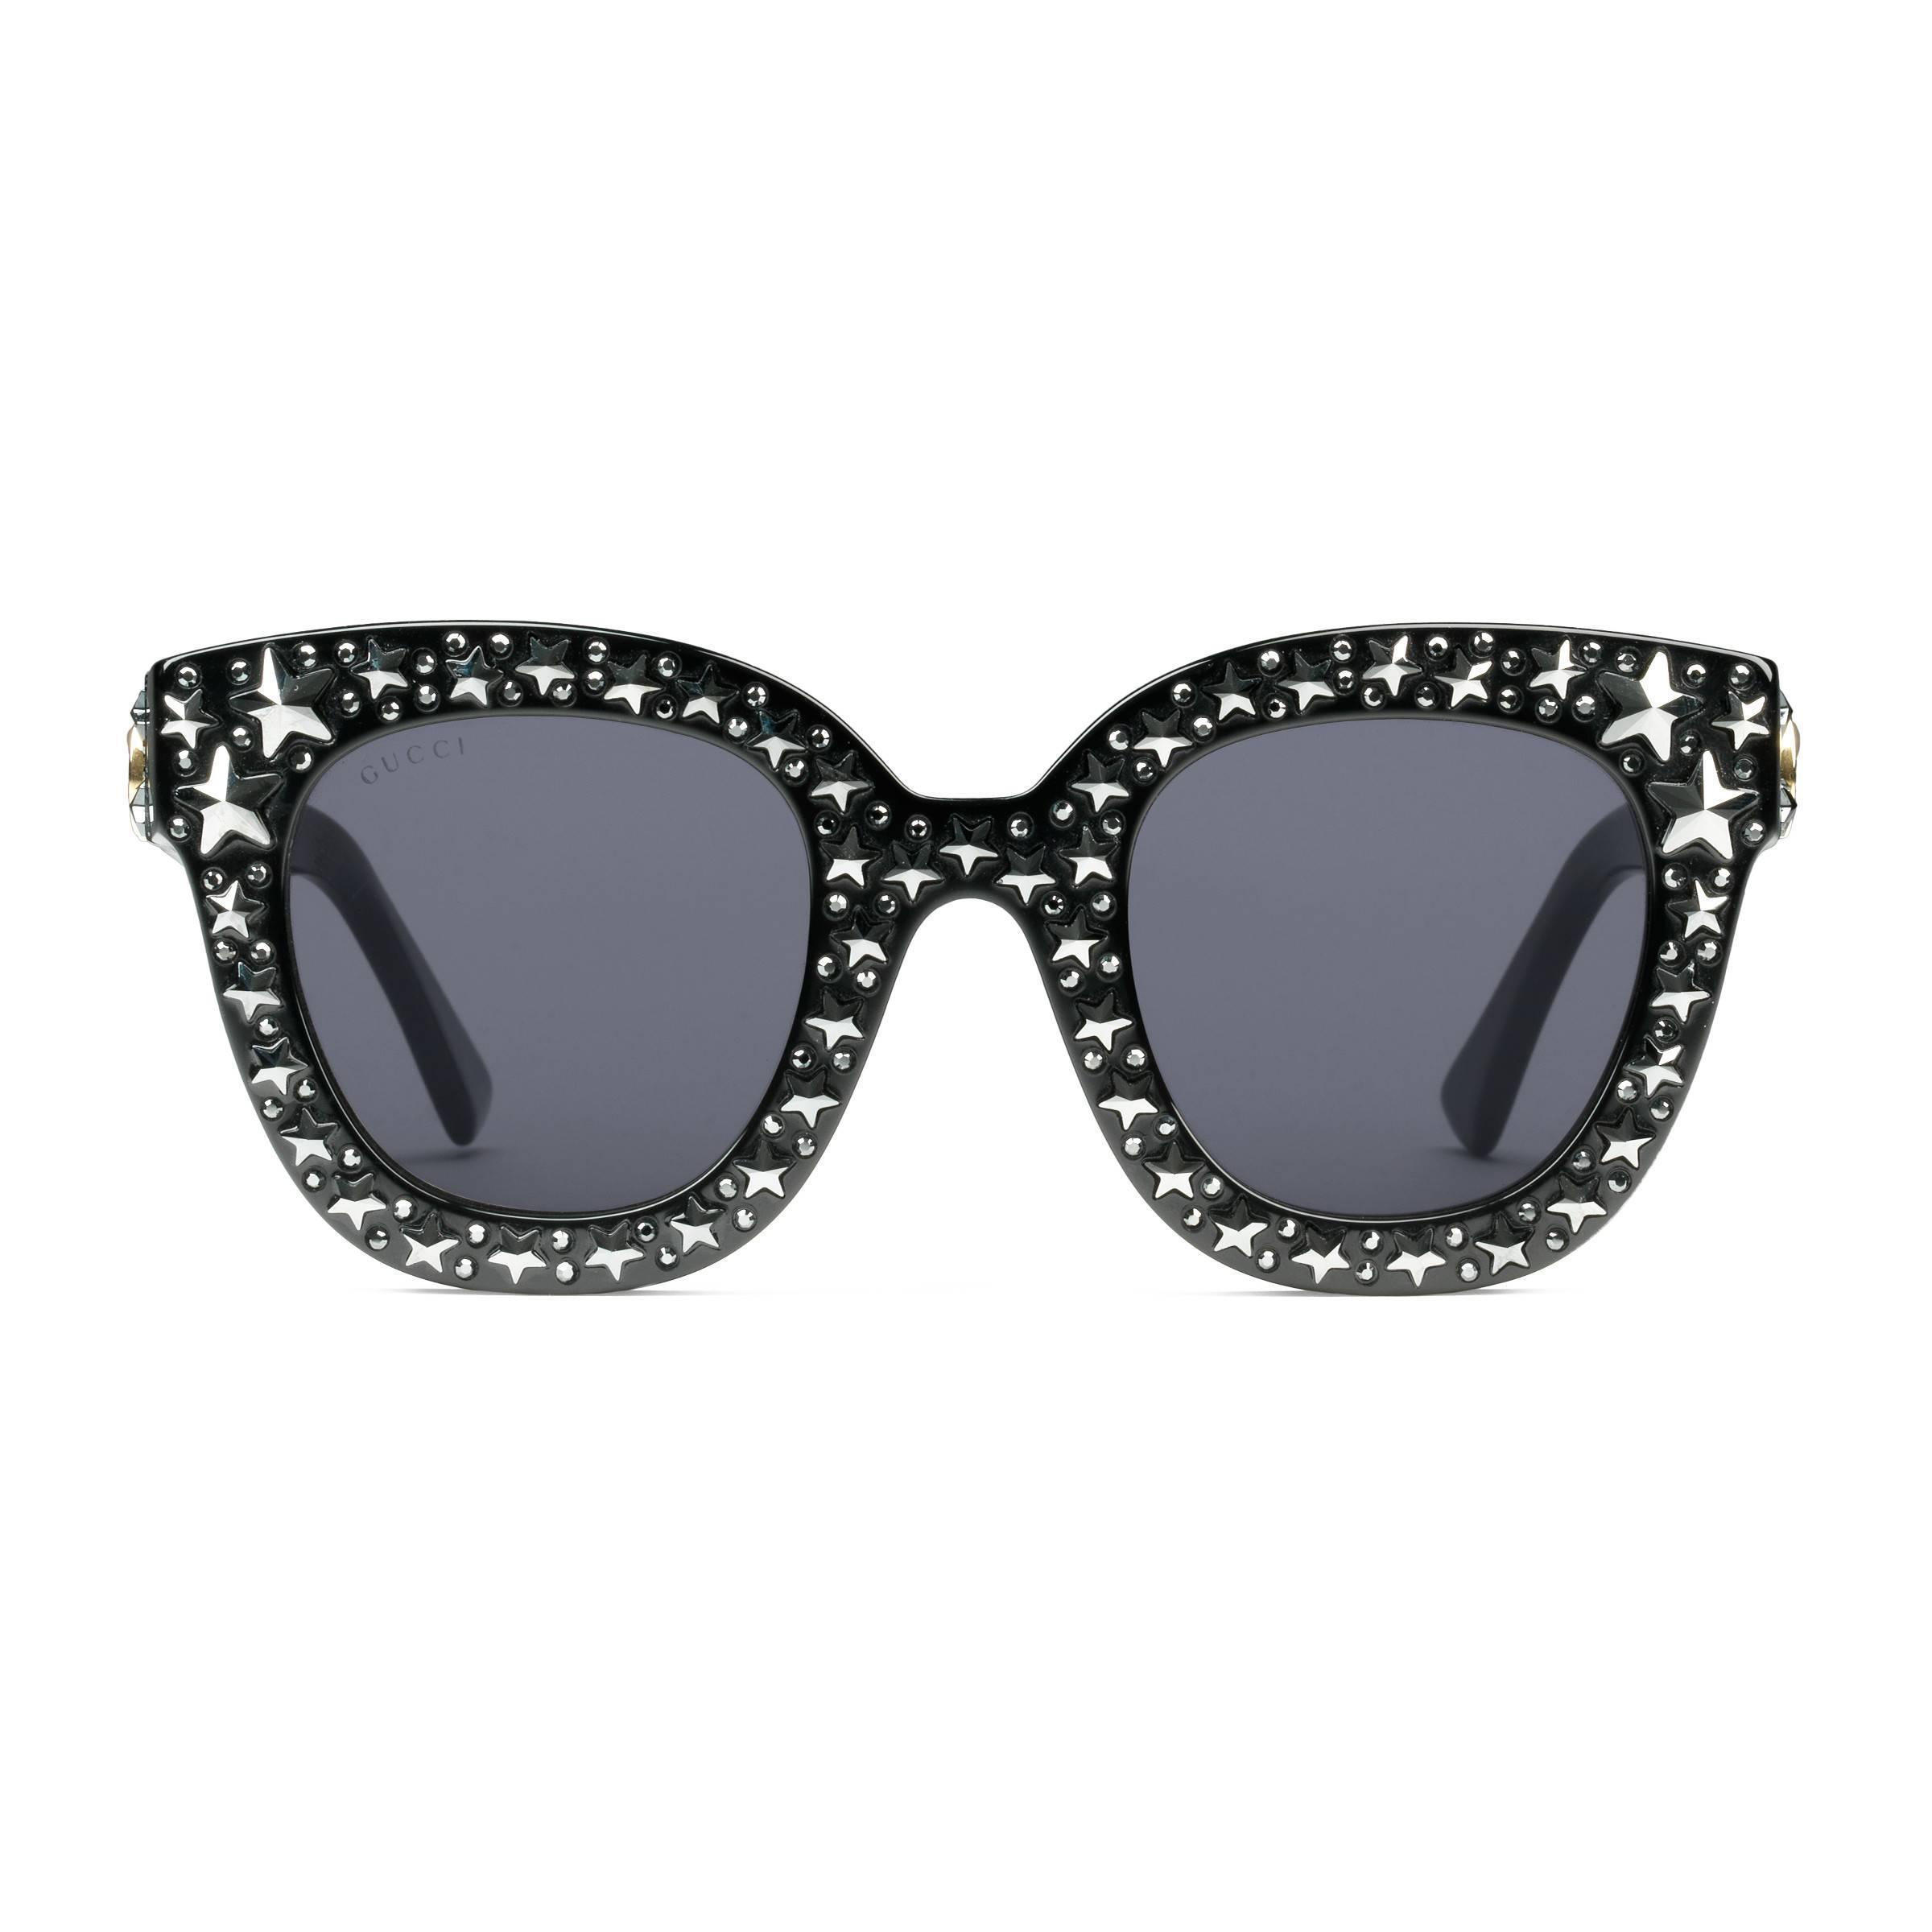 99bcc20244abc Gucci - Black Lunettes de soleil œil-de-chat en acétate avec étoiles -.  Afficher en plein écran